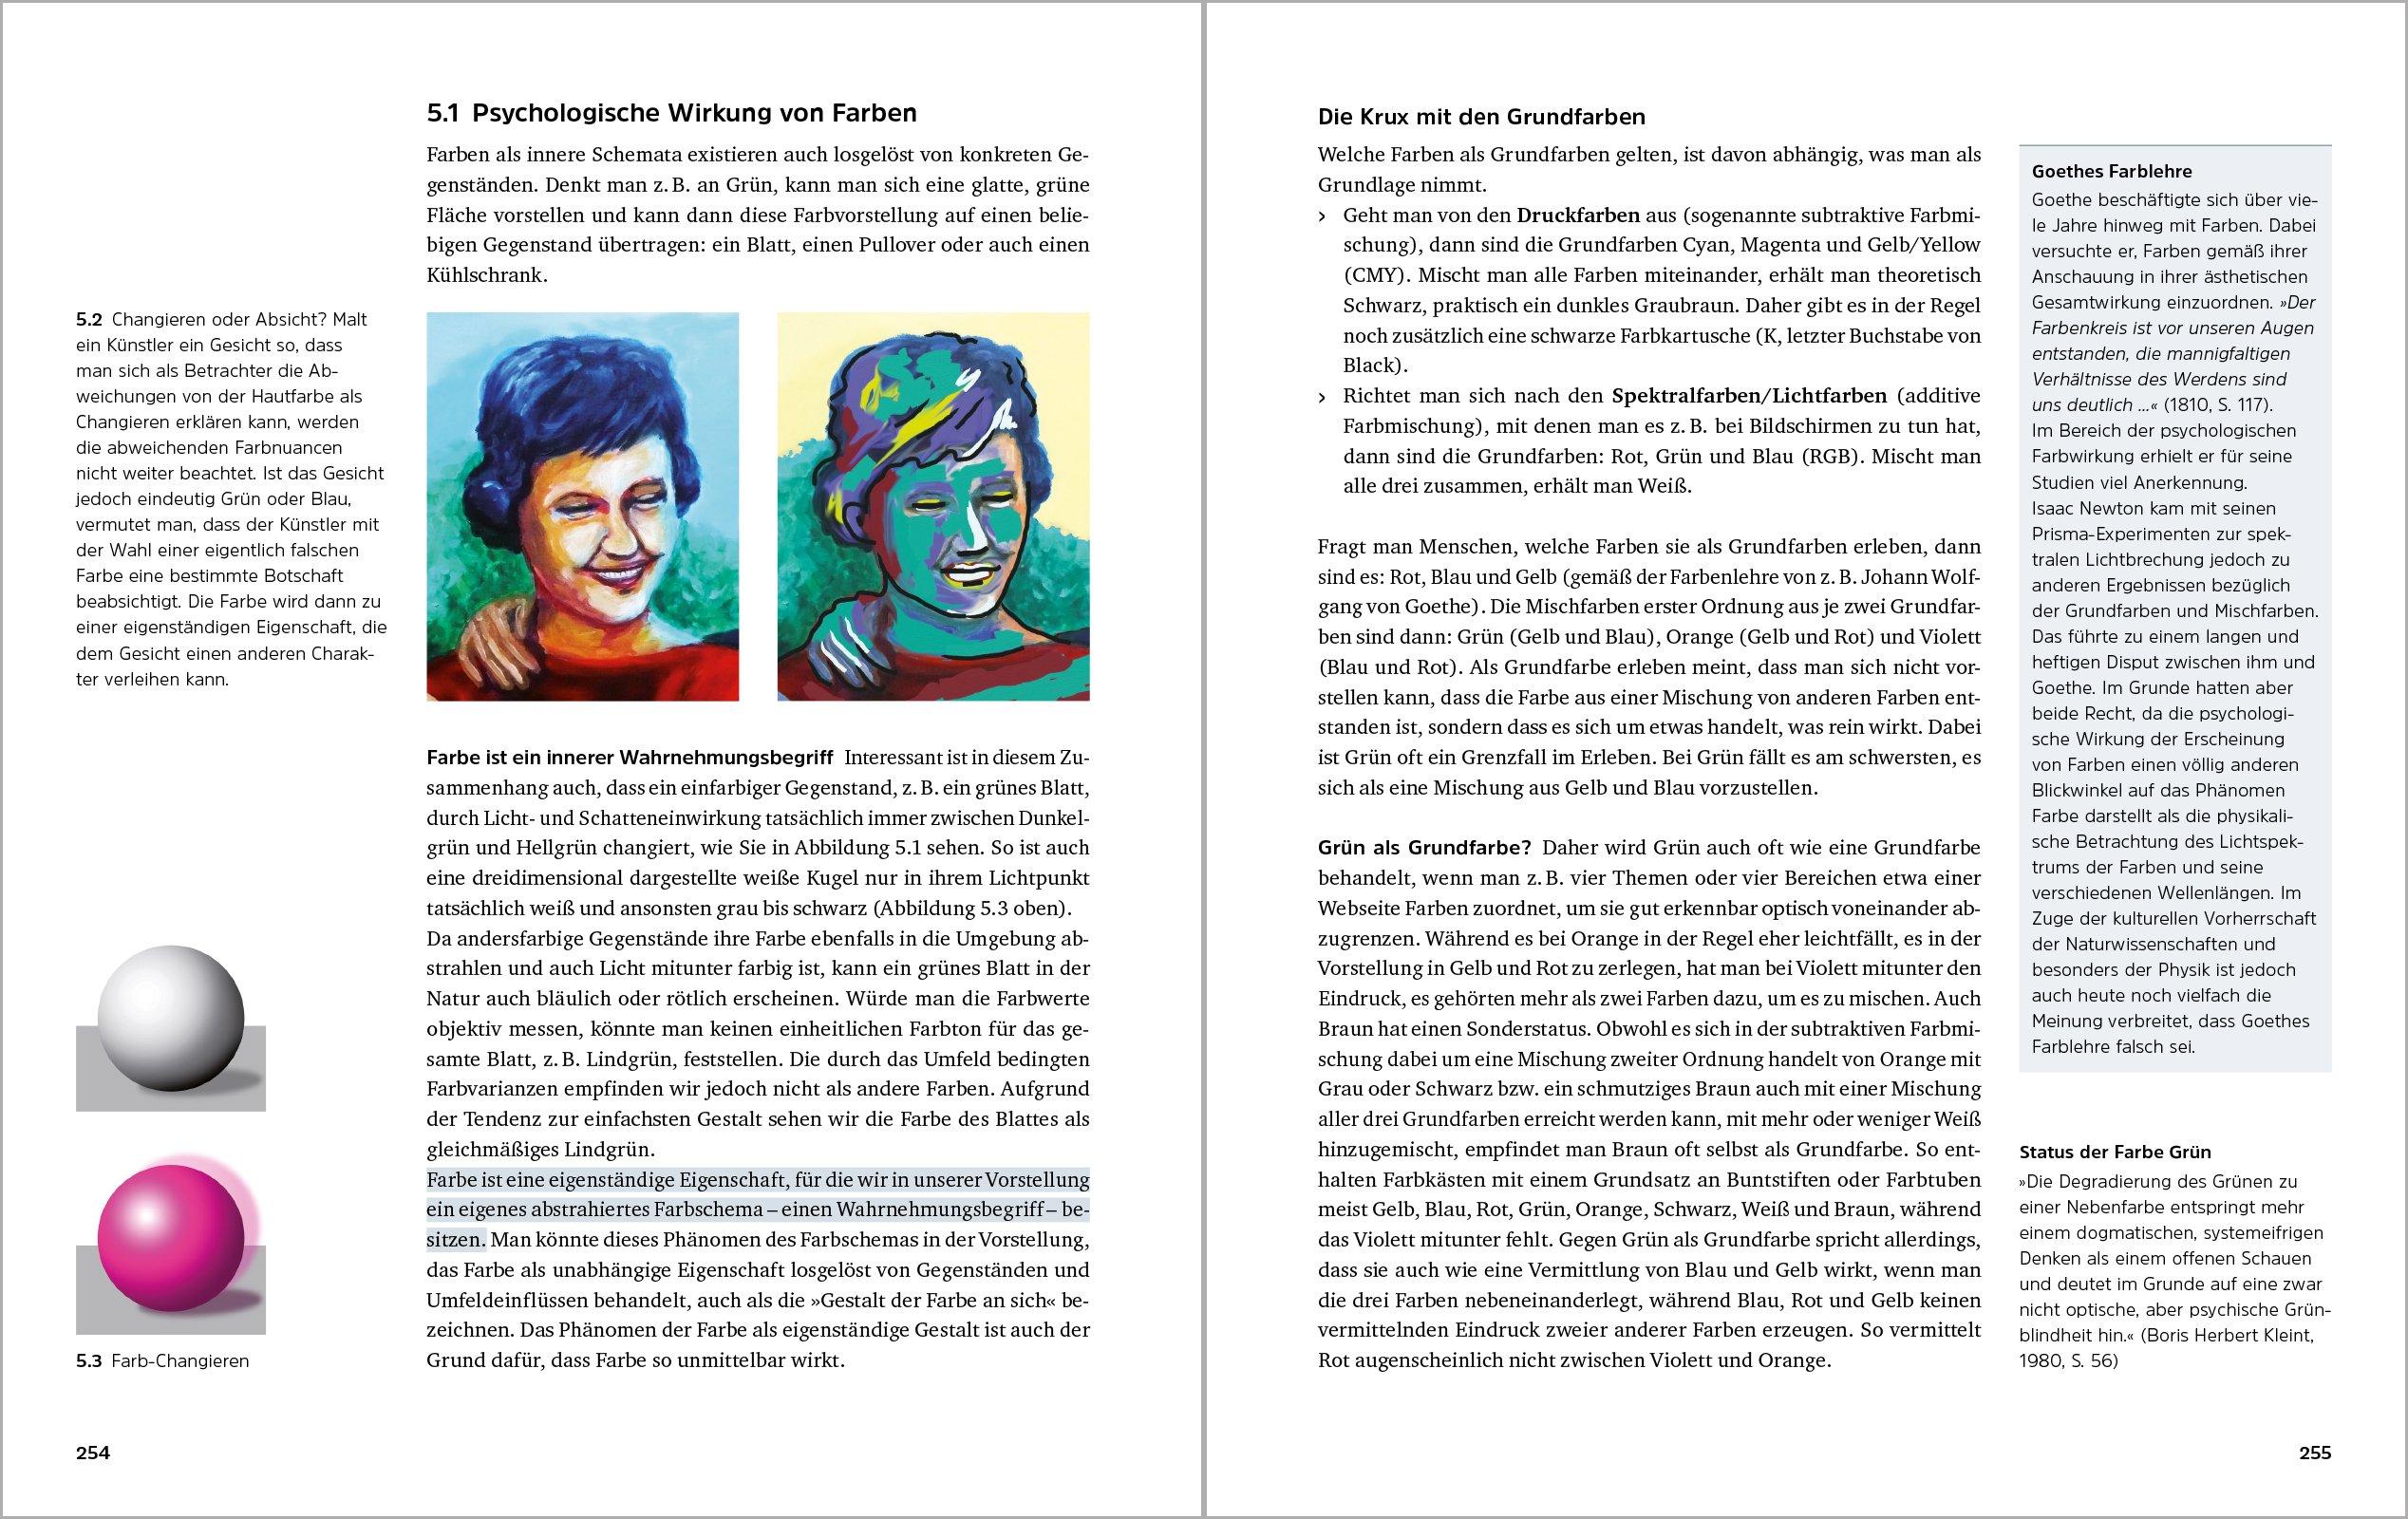 91lymX0OOjL Fabelhafte Psychologische Wirkung Von Farben Dekorationen